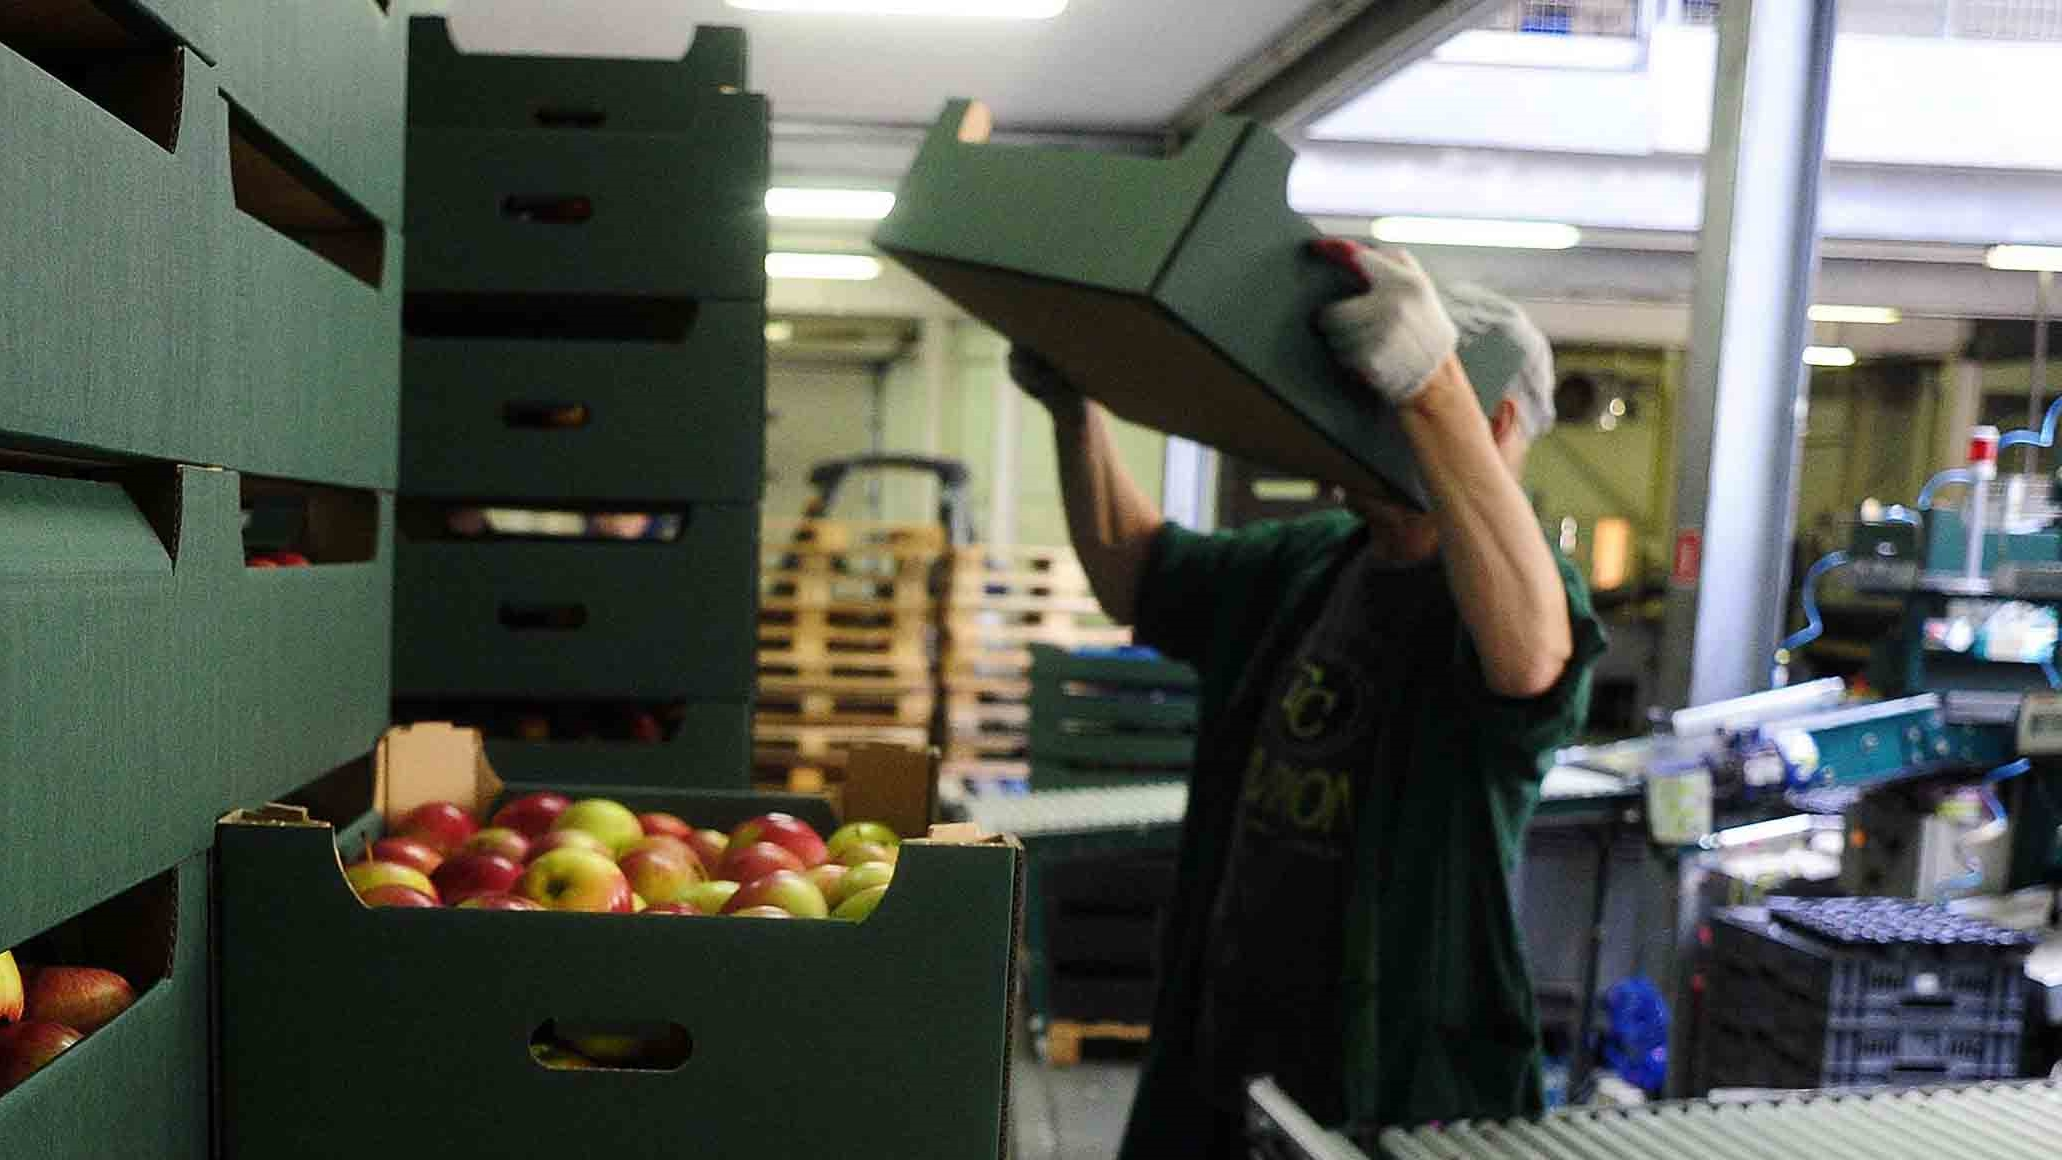 Desempleo en el país disminuye, pero aumenta subocupación